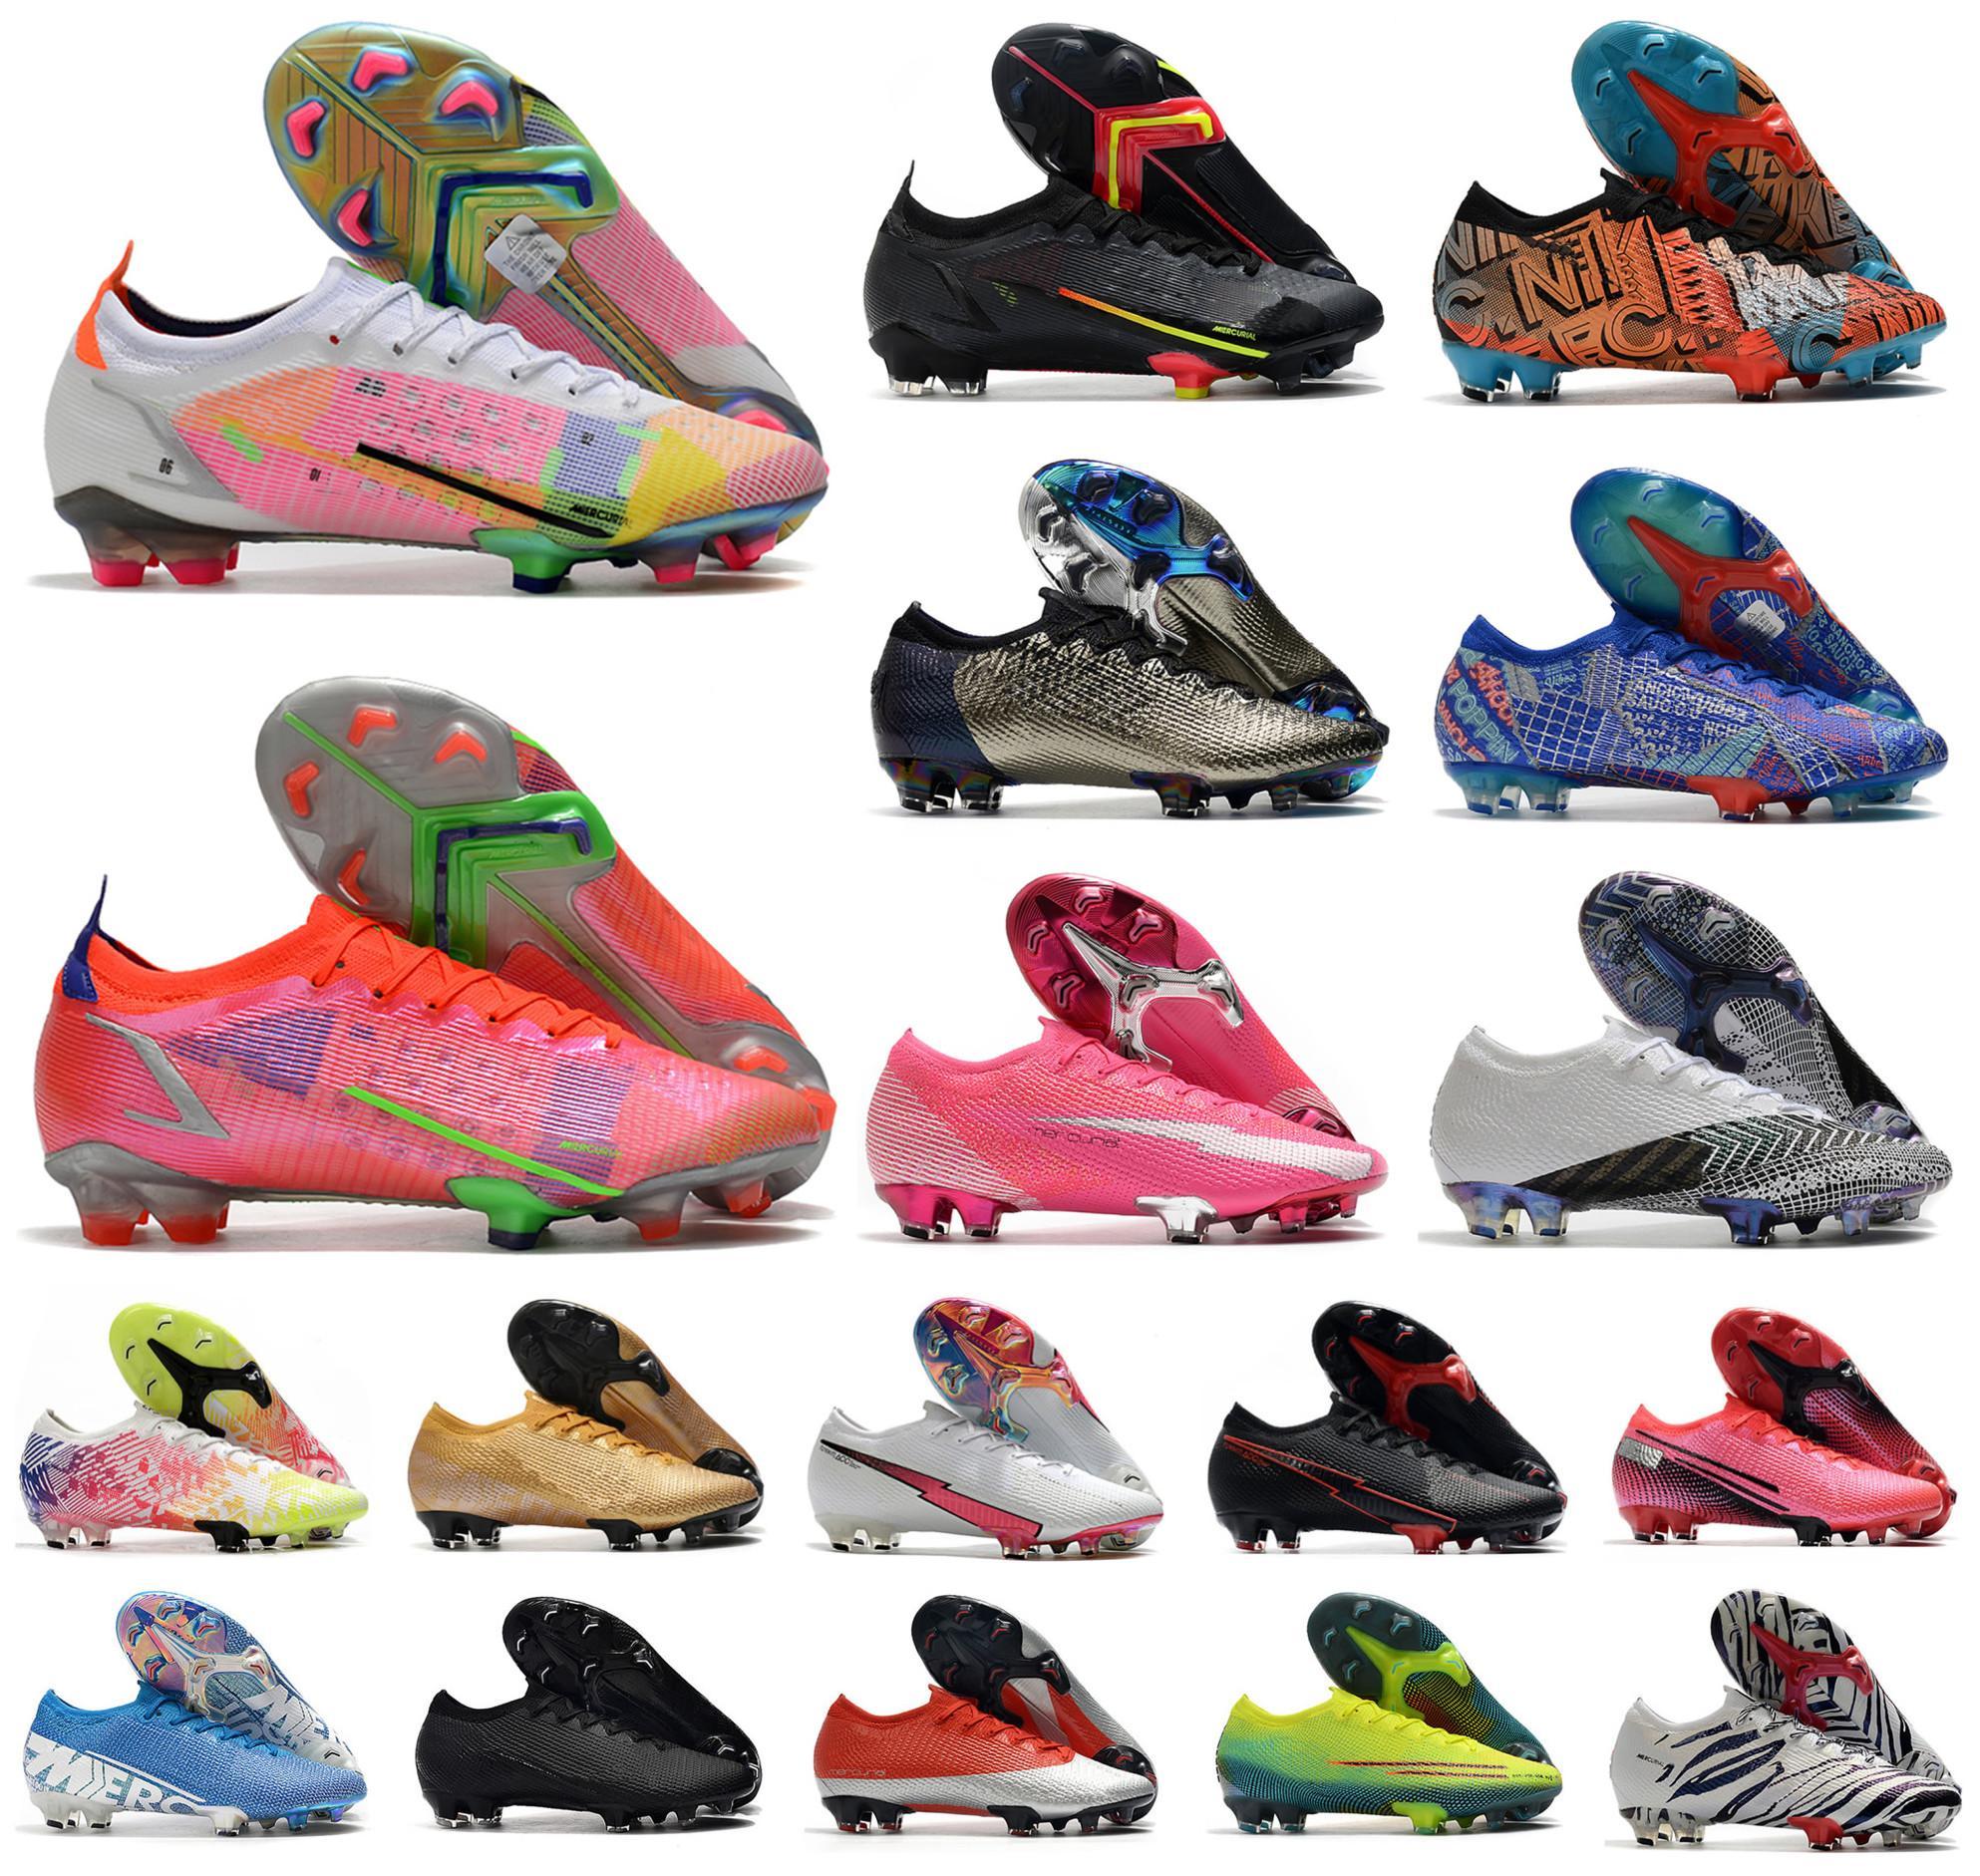 2021 남자 VA 포퍼 잠자리 XIV XIII 엘리트 FG 축구 신발 14 13 360 SE CR7 낮은 호나우두 여성 아이 축구 크기 39-45